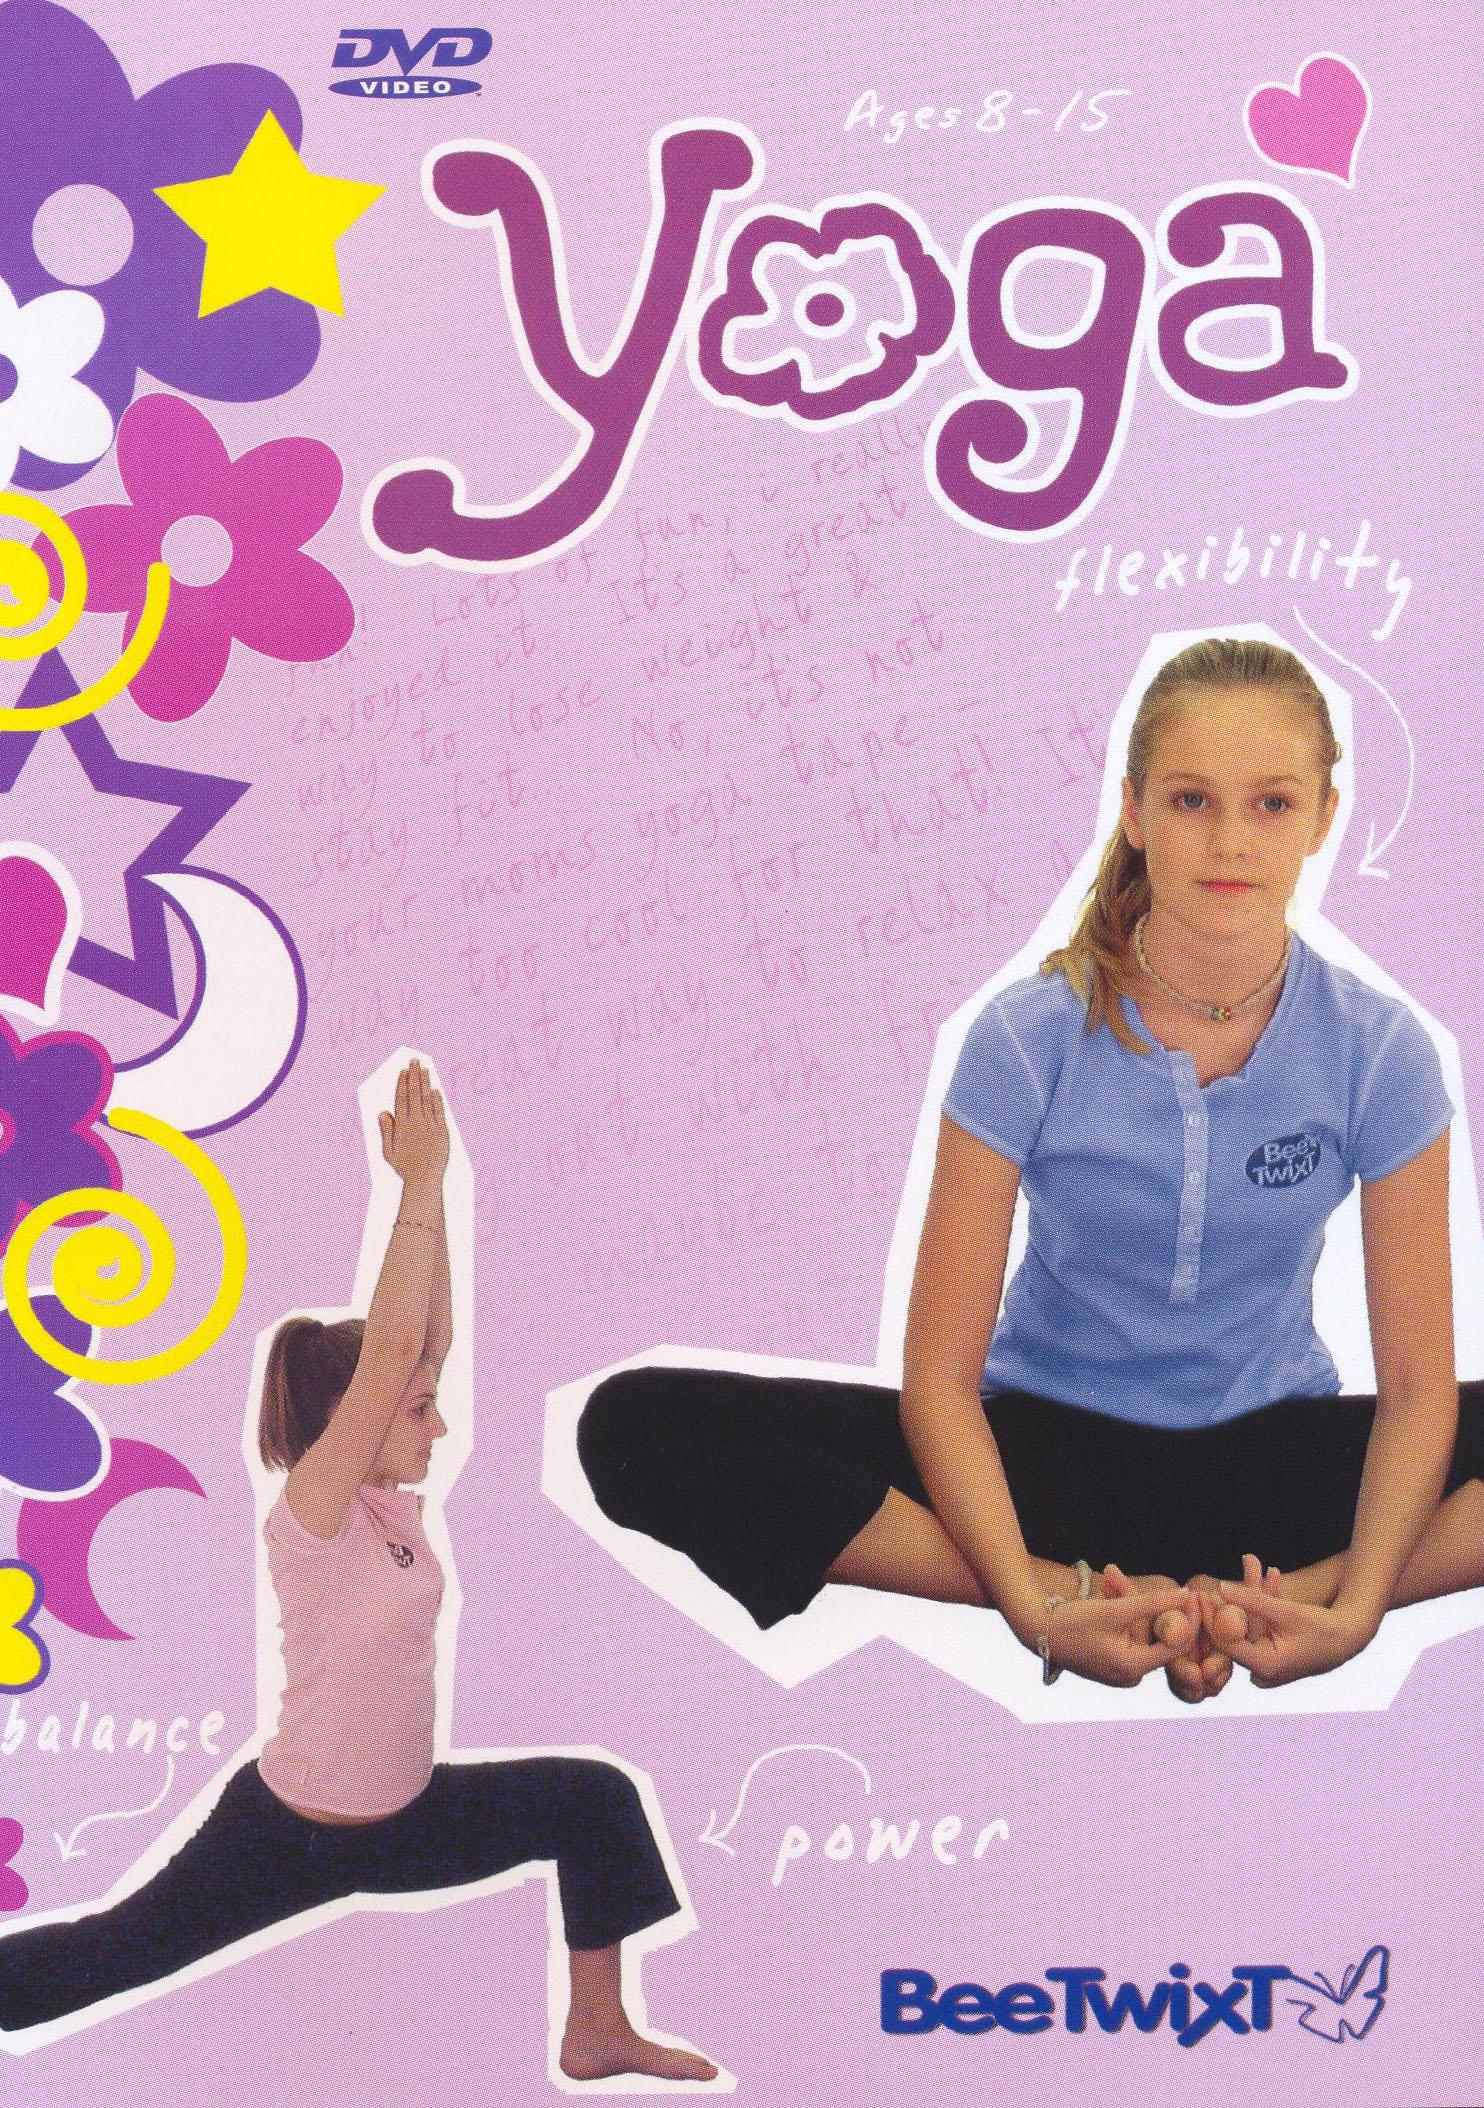 Beetwixt Series: Yoga